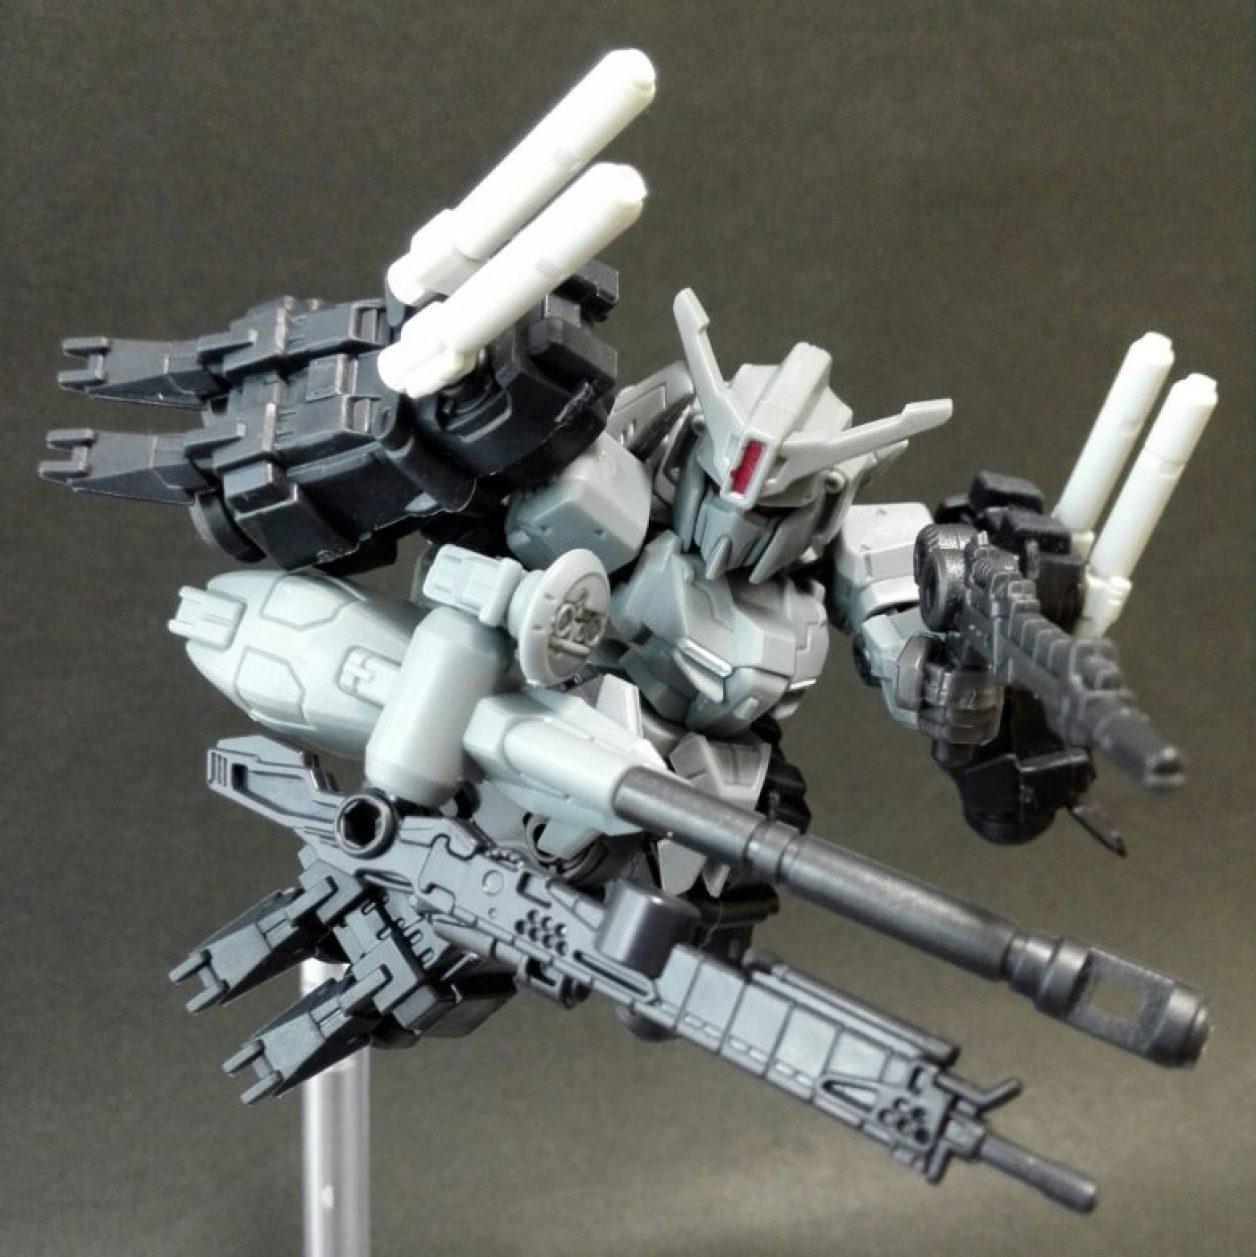 mobile suit ensemble(モビルスーツアンサンブル)14弾のゼータプラスとMS武器セットと13弾Sガンダム用ブースターの組み合わせから作ったゼータプラスC1[Bst]ハミングバードを再現した画像